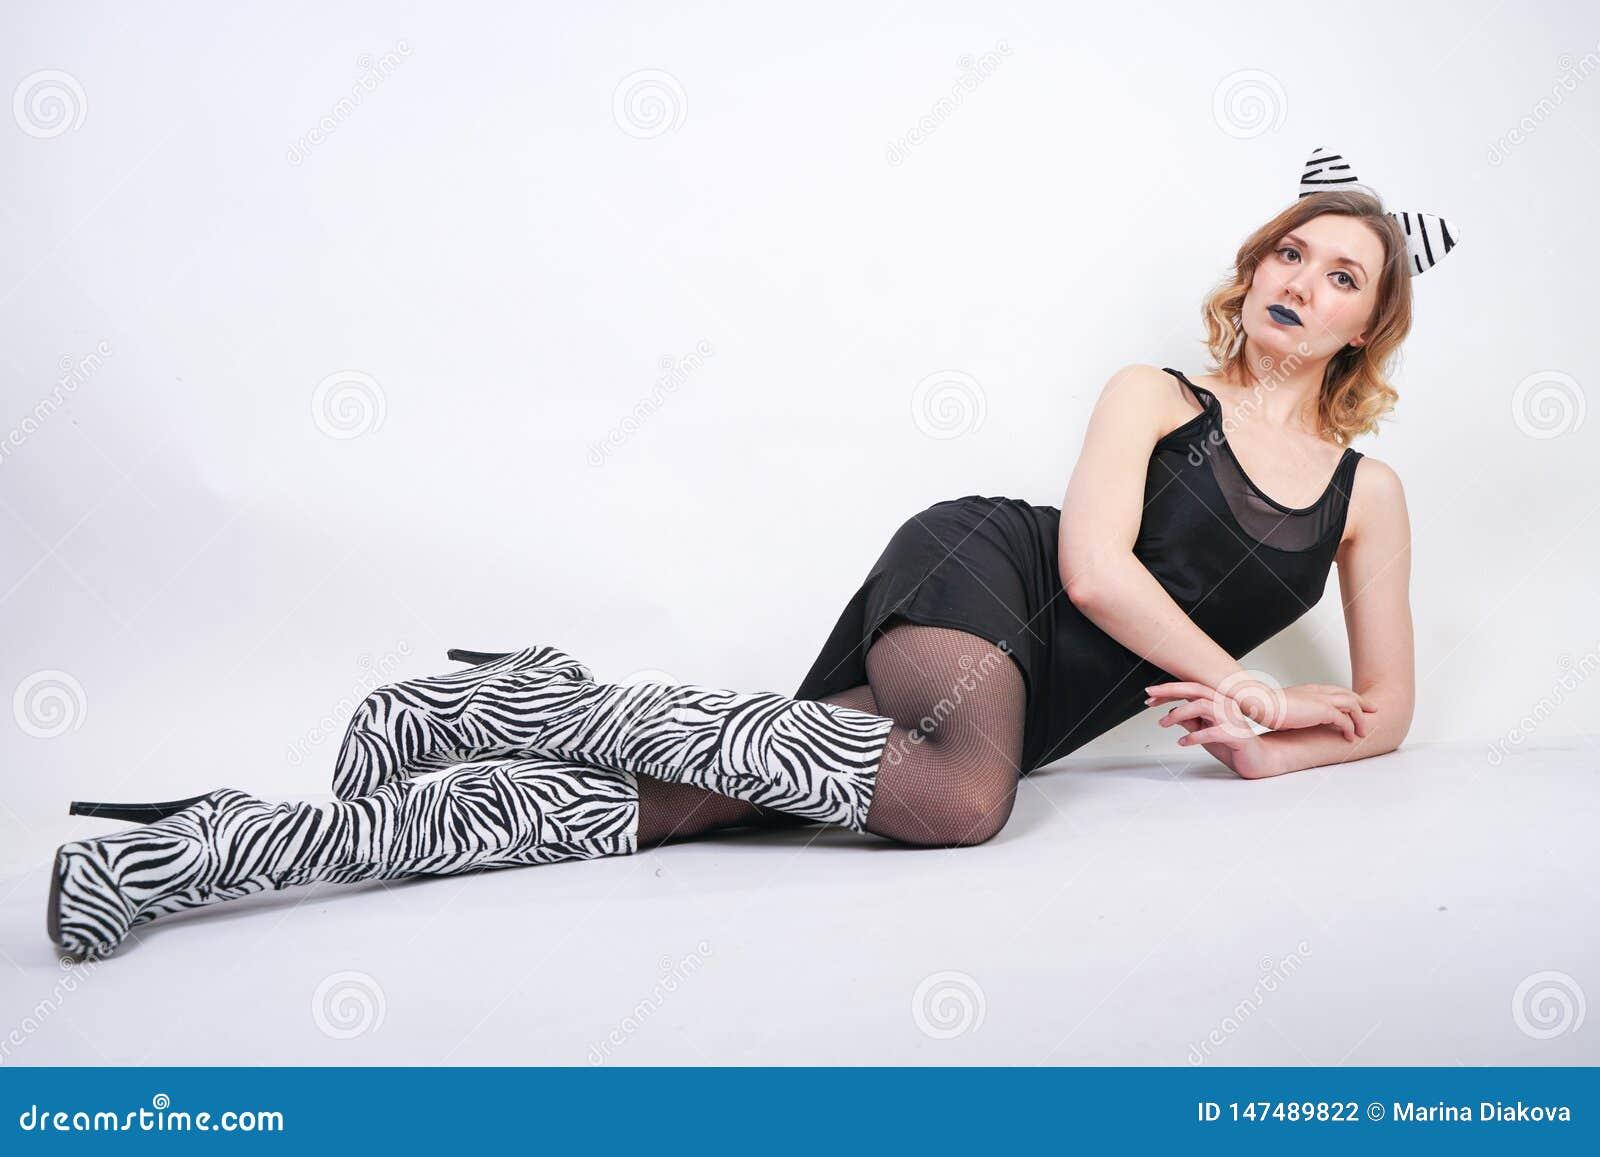 Robe De Petite Fille Avec Portant La Spandex Du Mode Noire qL34RAj5